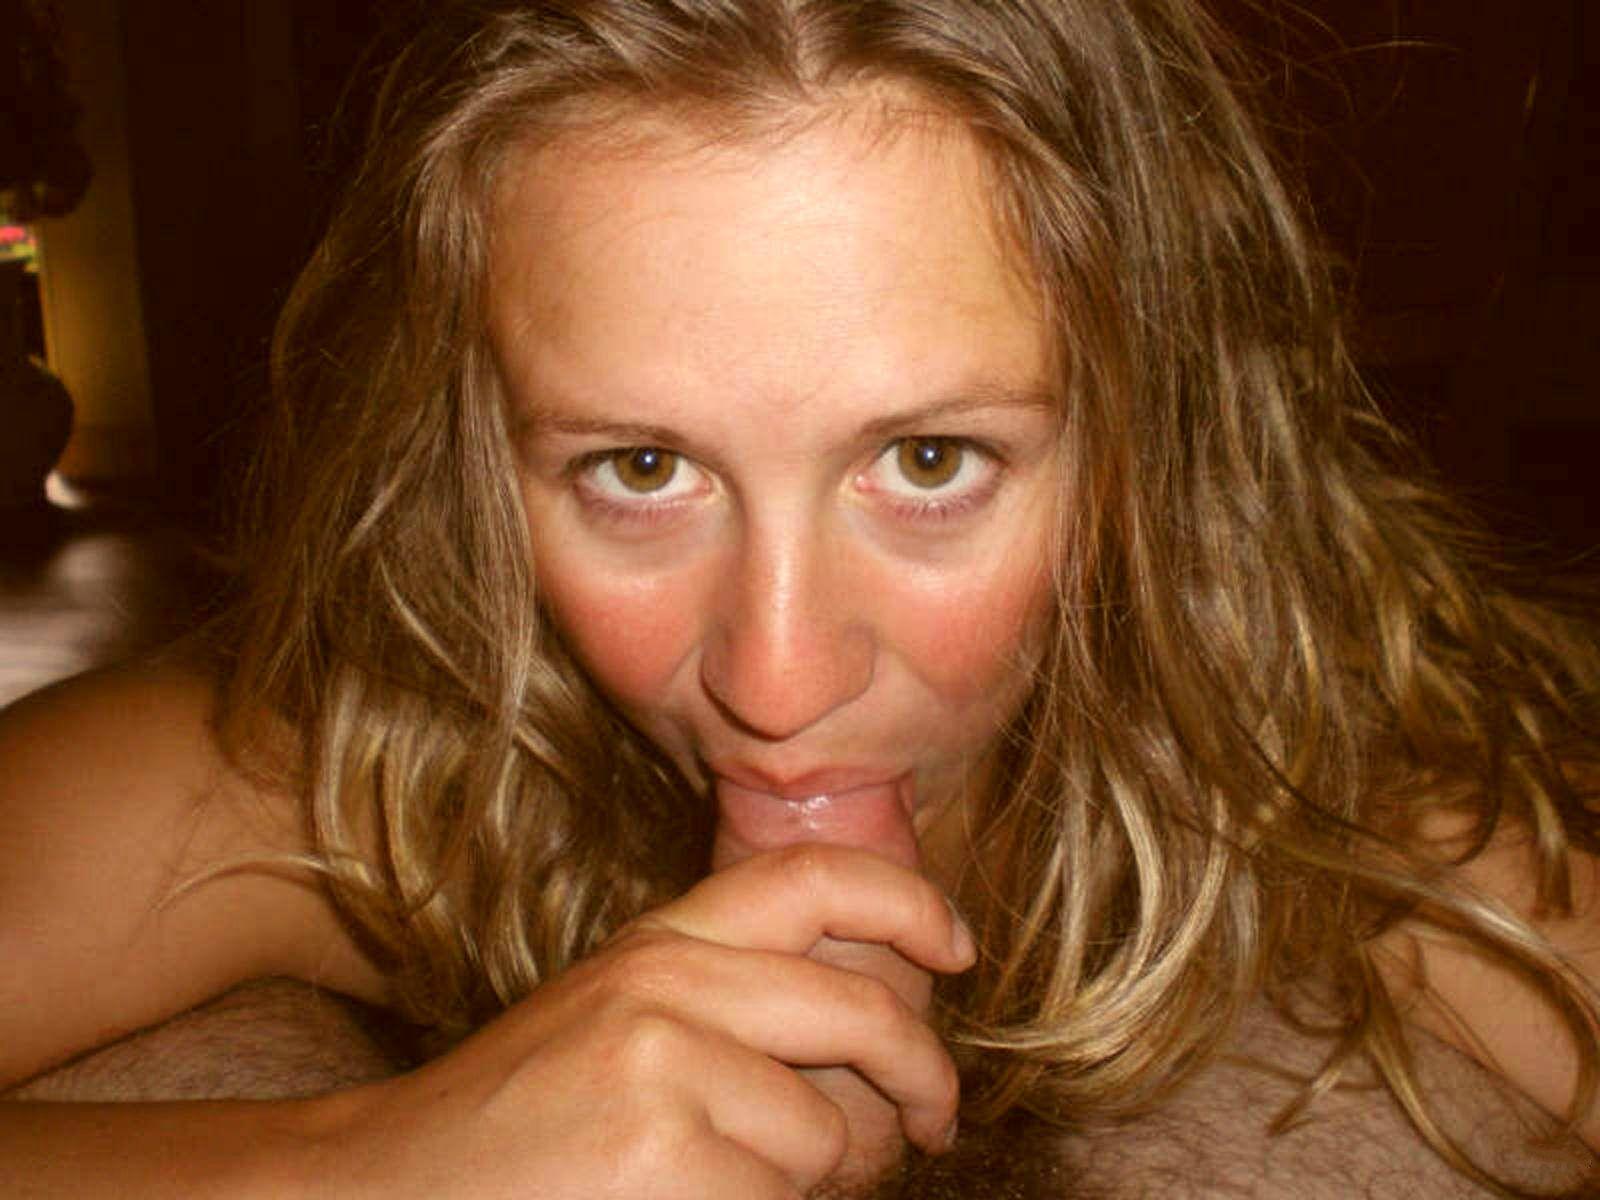 Русский секс без комплексов, Пошлый групповой секс, без комплексов 3 фотография